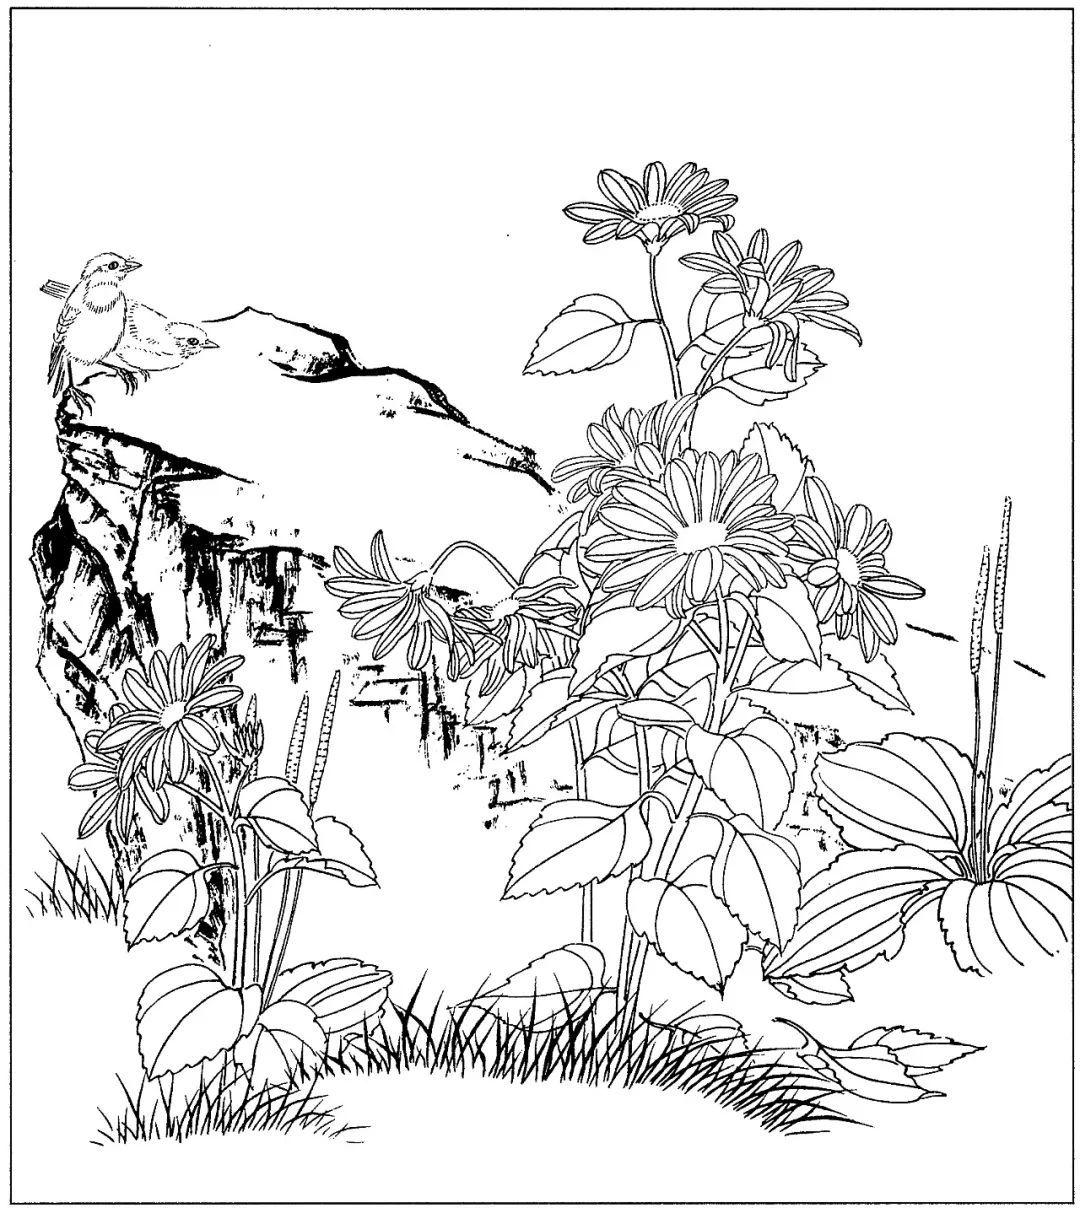 梅兰竹菊四君子国画线描素材高清81幅